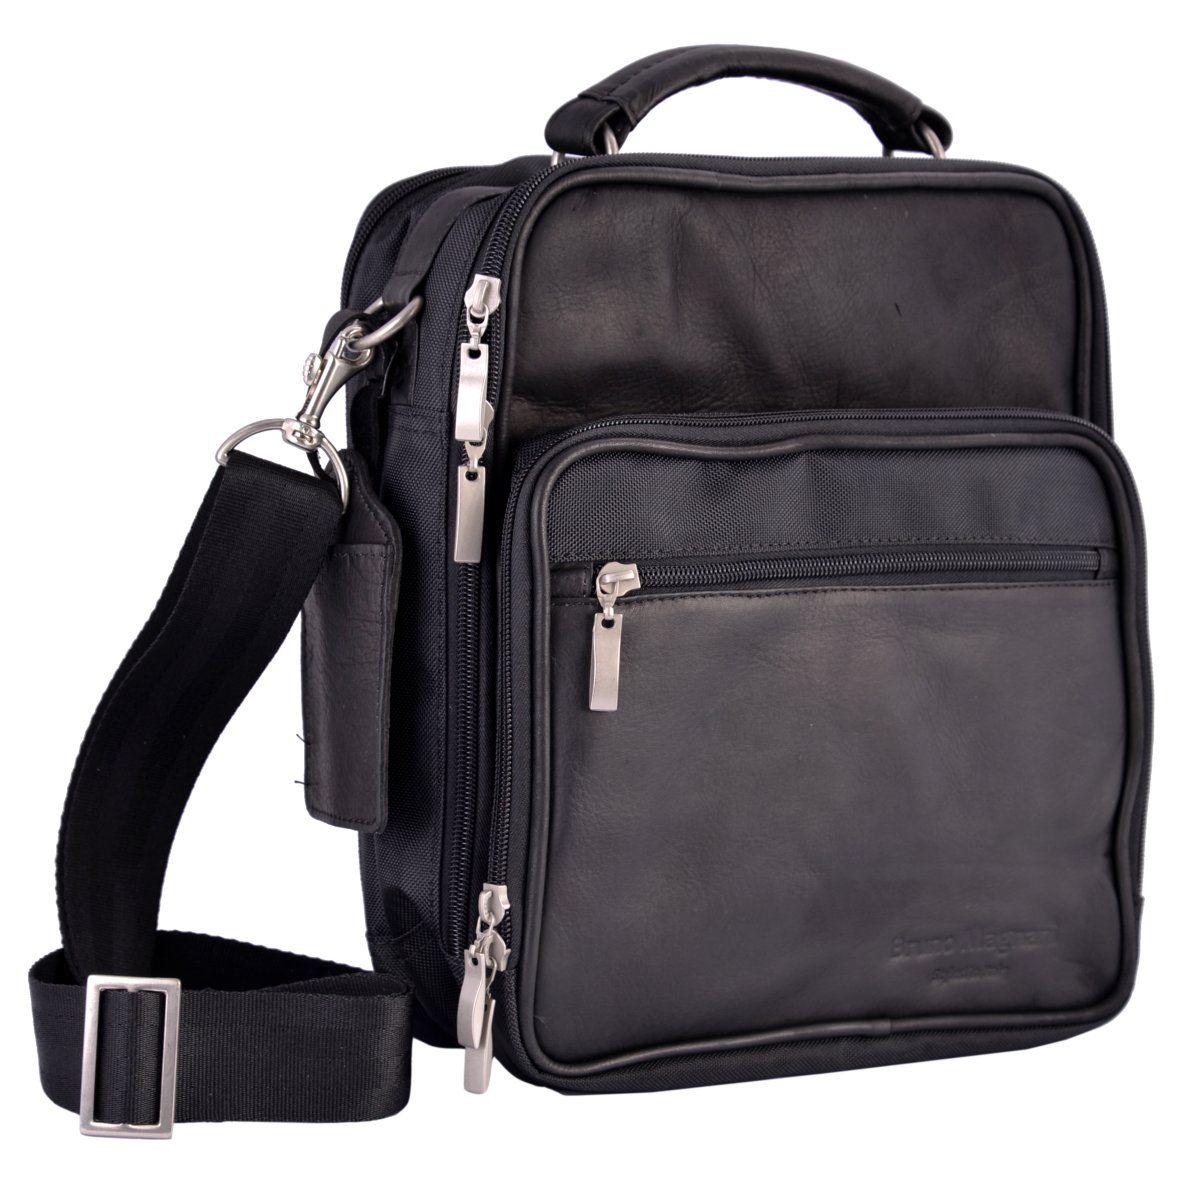 d8a6d8164883 Mariconera Bruno Magnani Men's Accessories, Backpack, Bag, Wallets, Sew,  Tents,